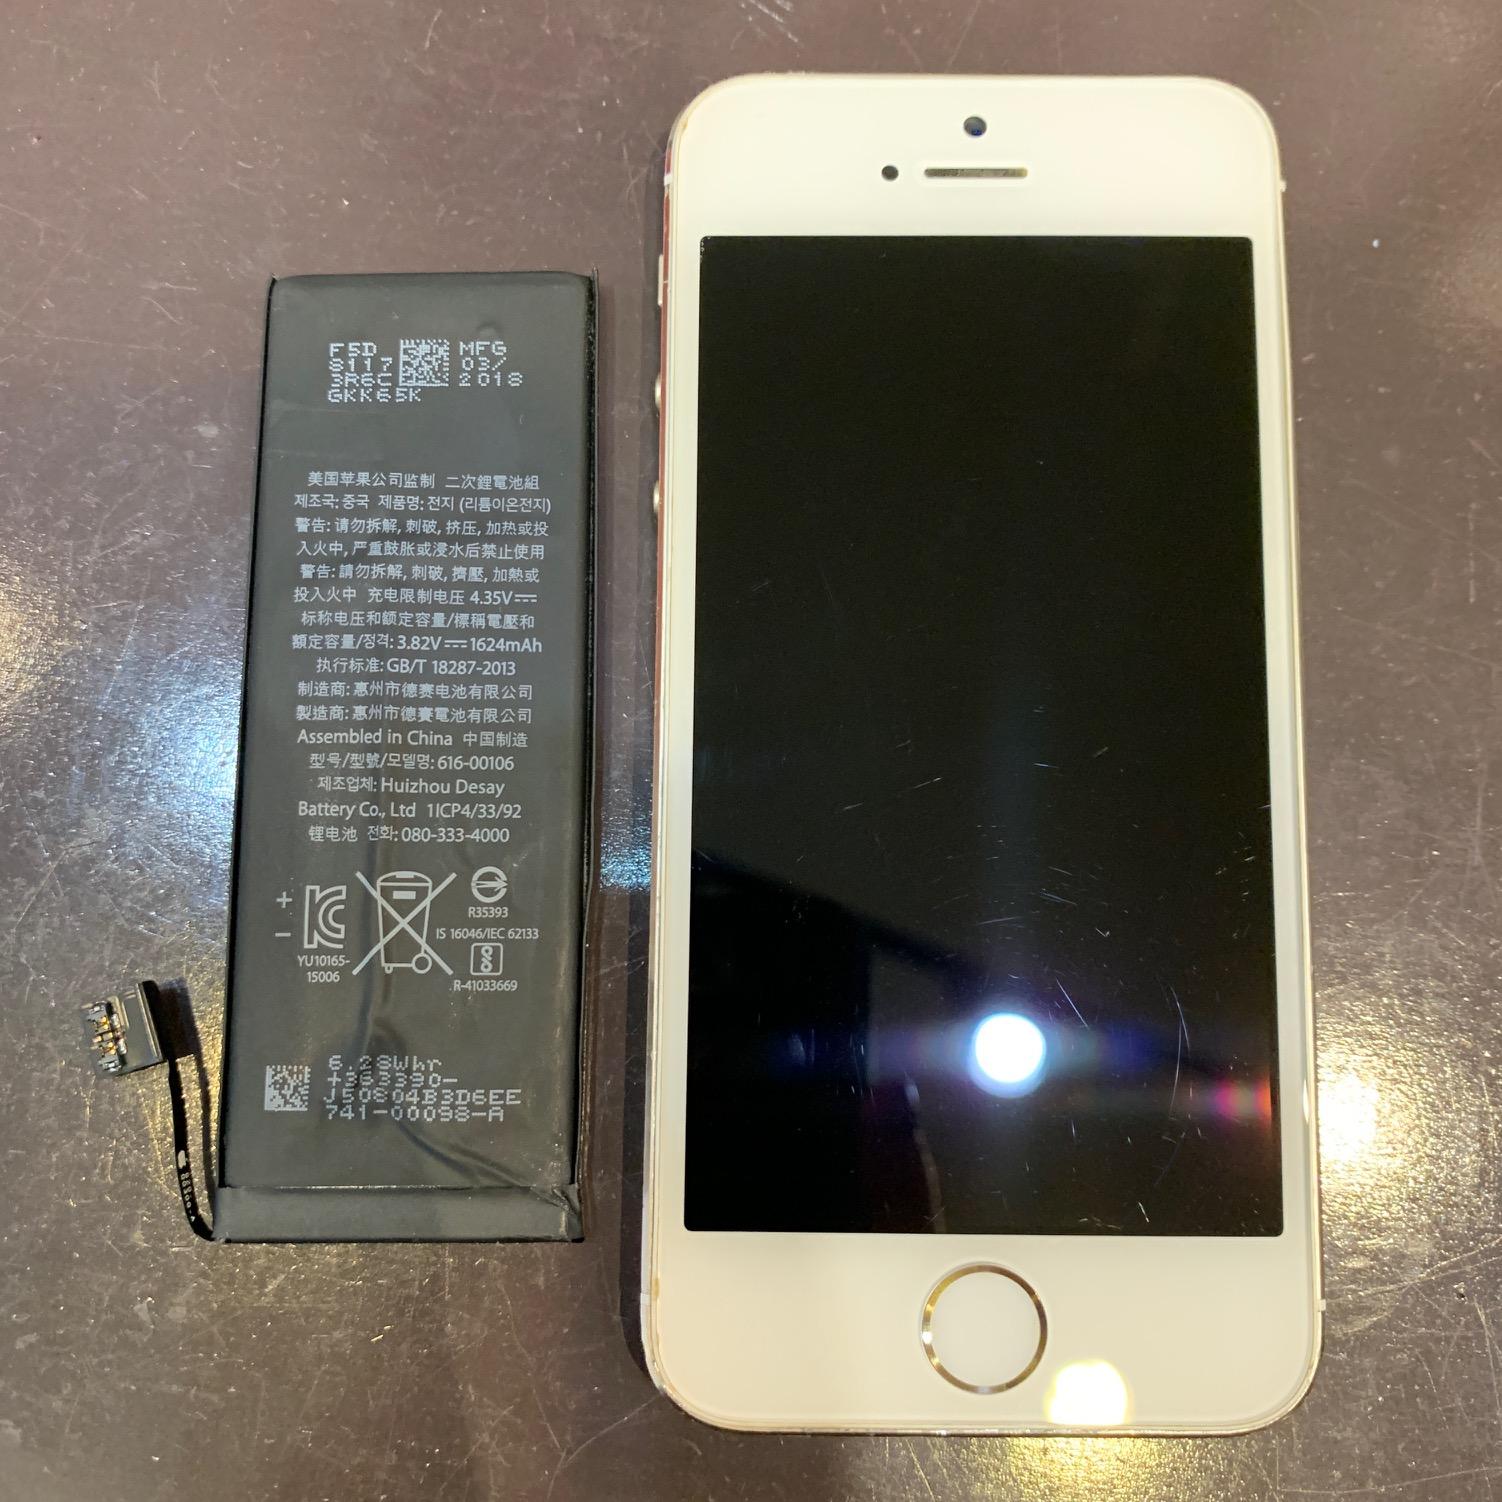 iPhoneSEのバッテリー交換・古い端末のデータ取り出す・仲多度郡のお客様